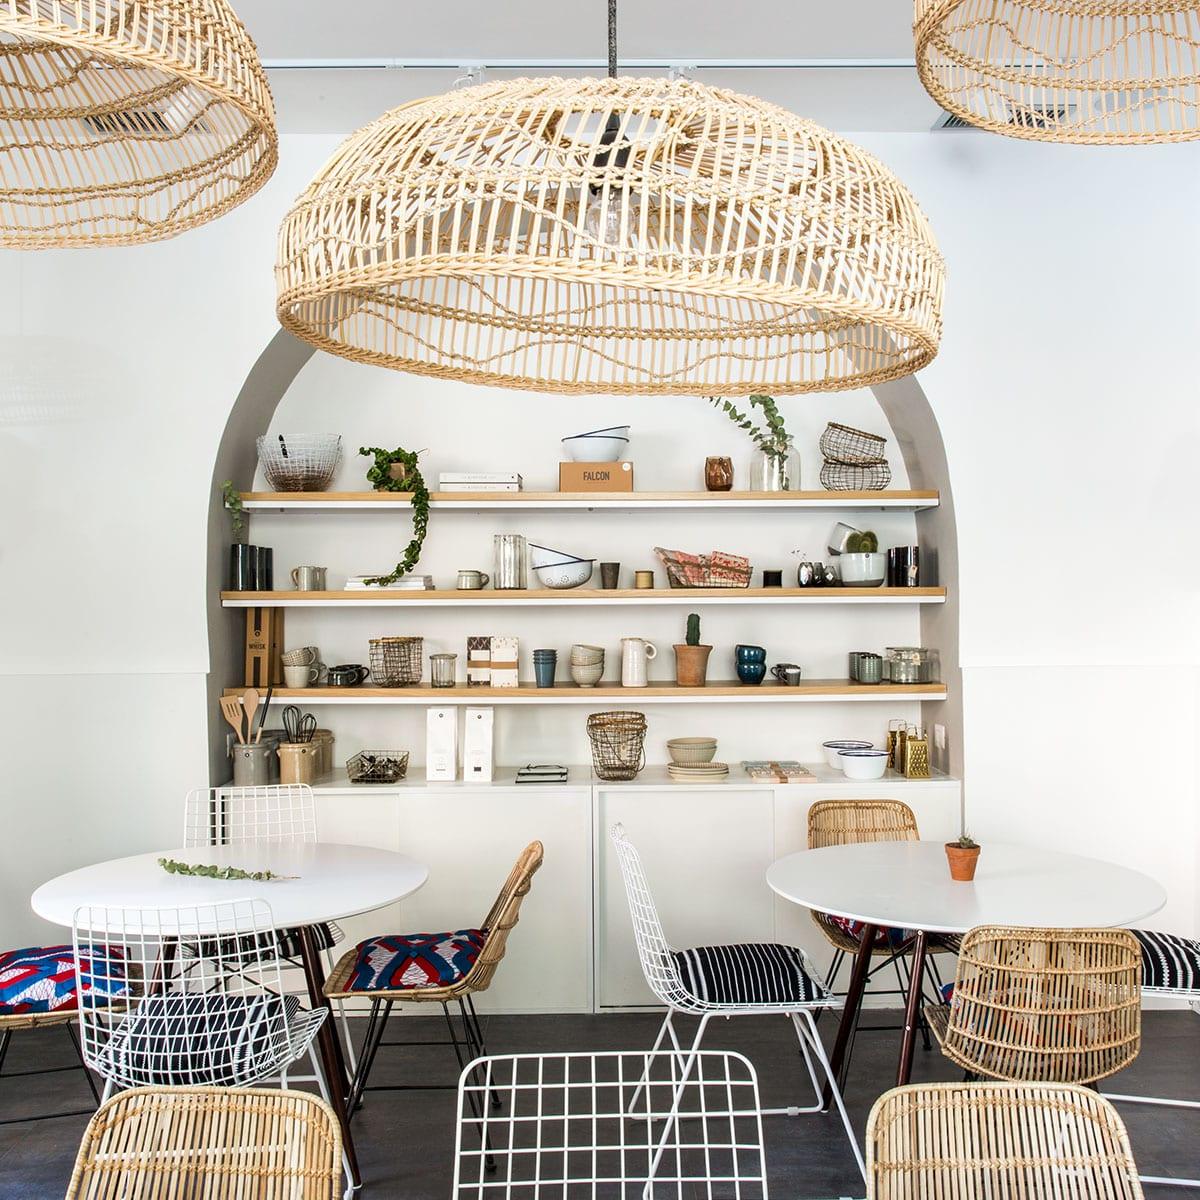 Tra i locali alla moda della capitale, Materia si distingue per il suo design semplice e duraturo